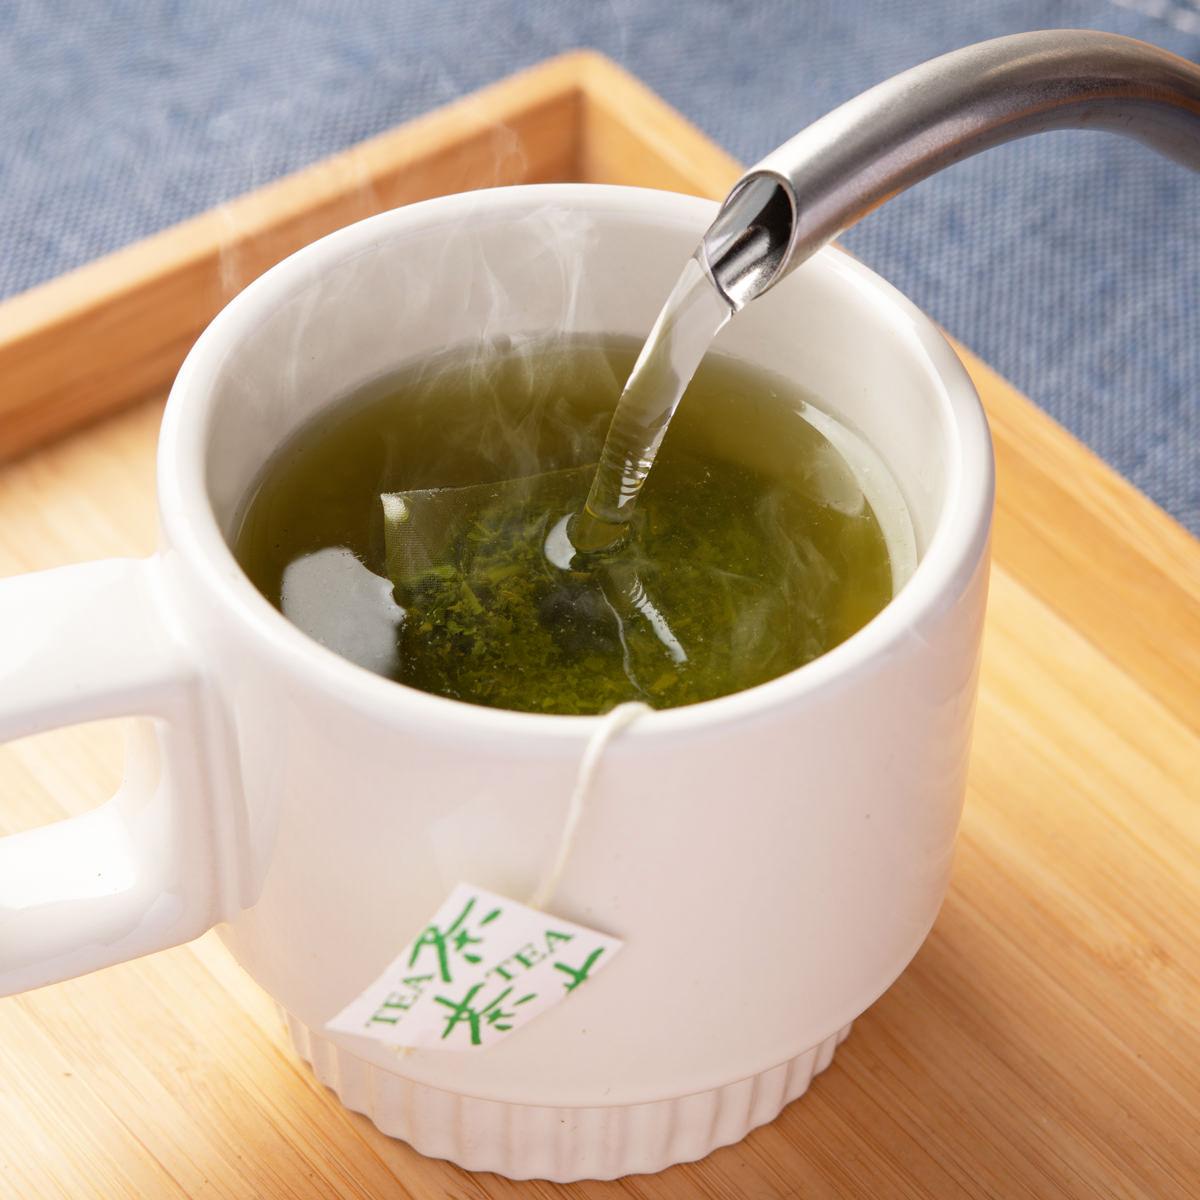 八女茶 ティーバッグ 〔3g×15p×2袋〕 福岡県産 日本茶 九州 たつみ園